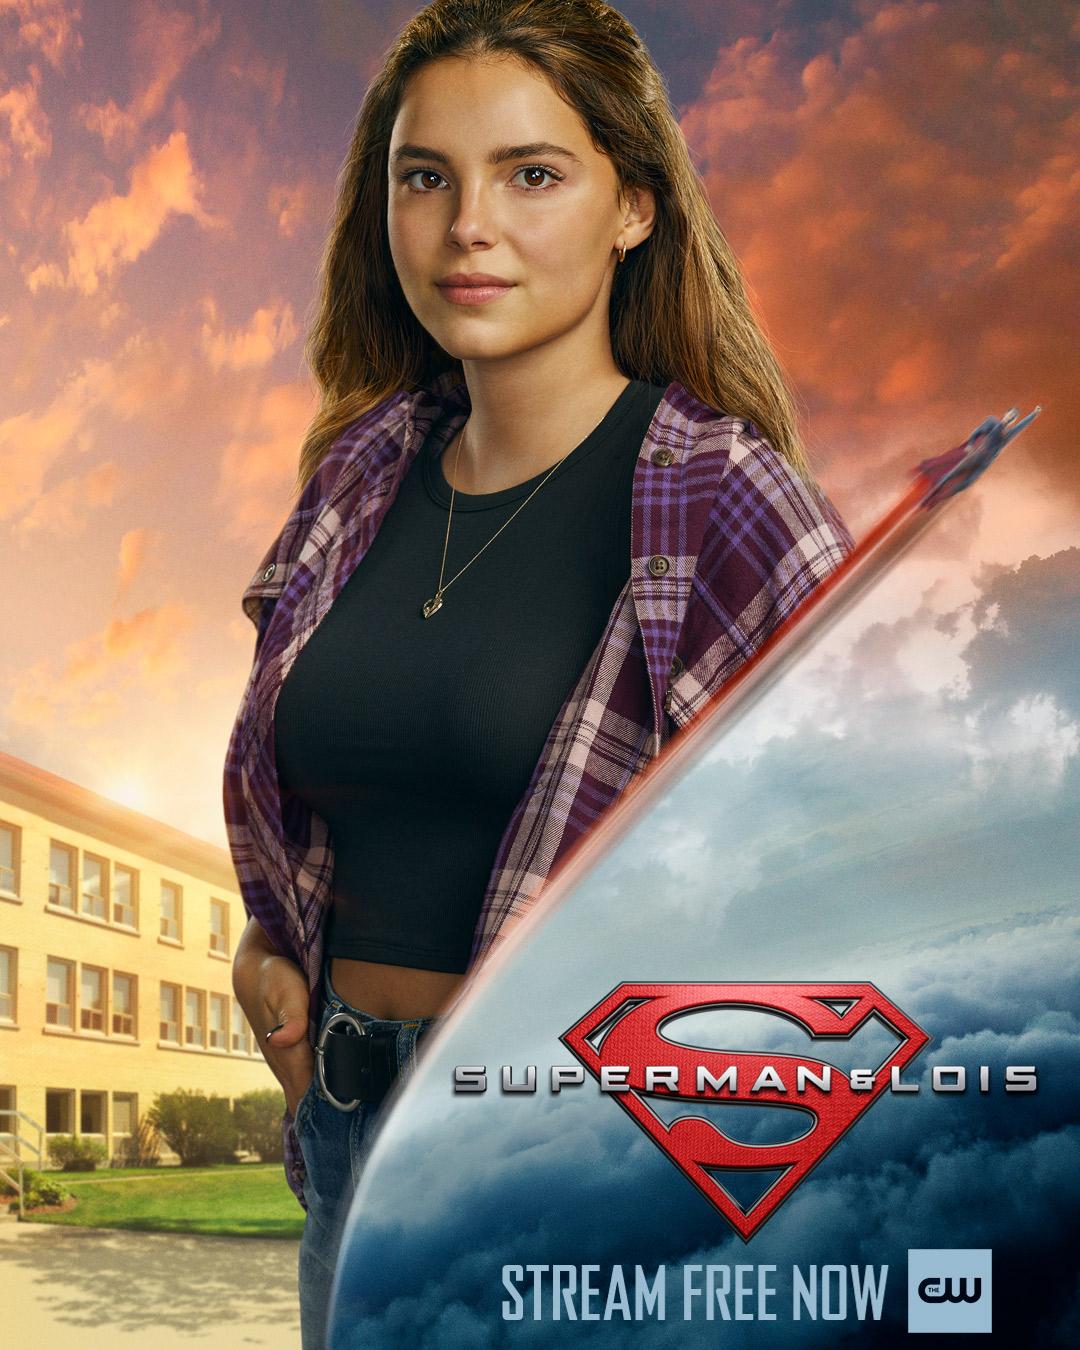 Sarah Cushing (Inde Navarrette) en un póster de Superman & Lois. Imagen: Superman & Lois Twitter (@cwsupermanandlois).